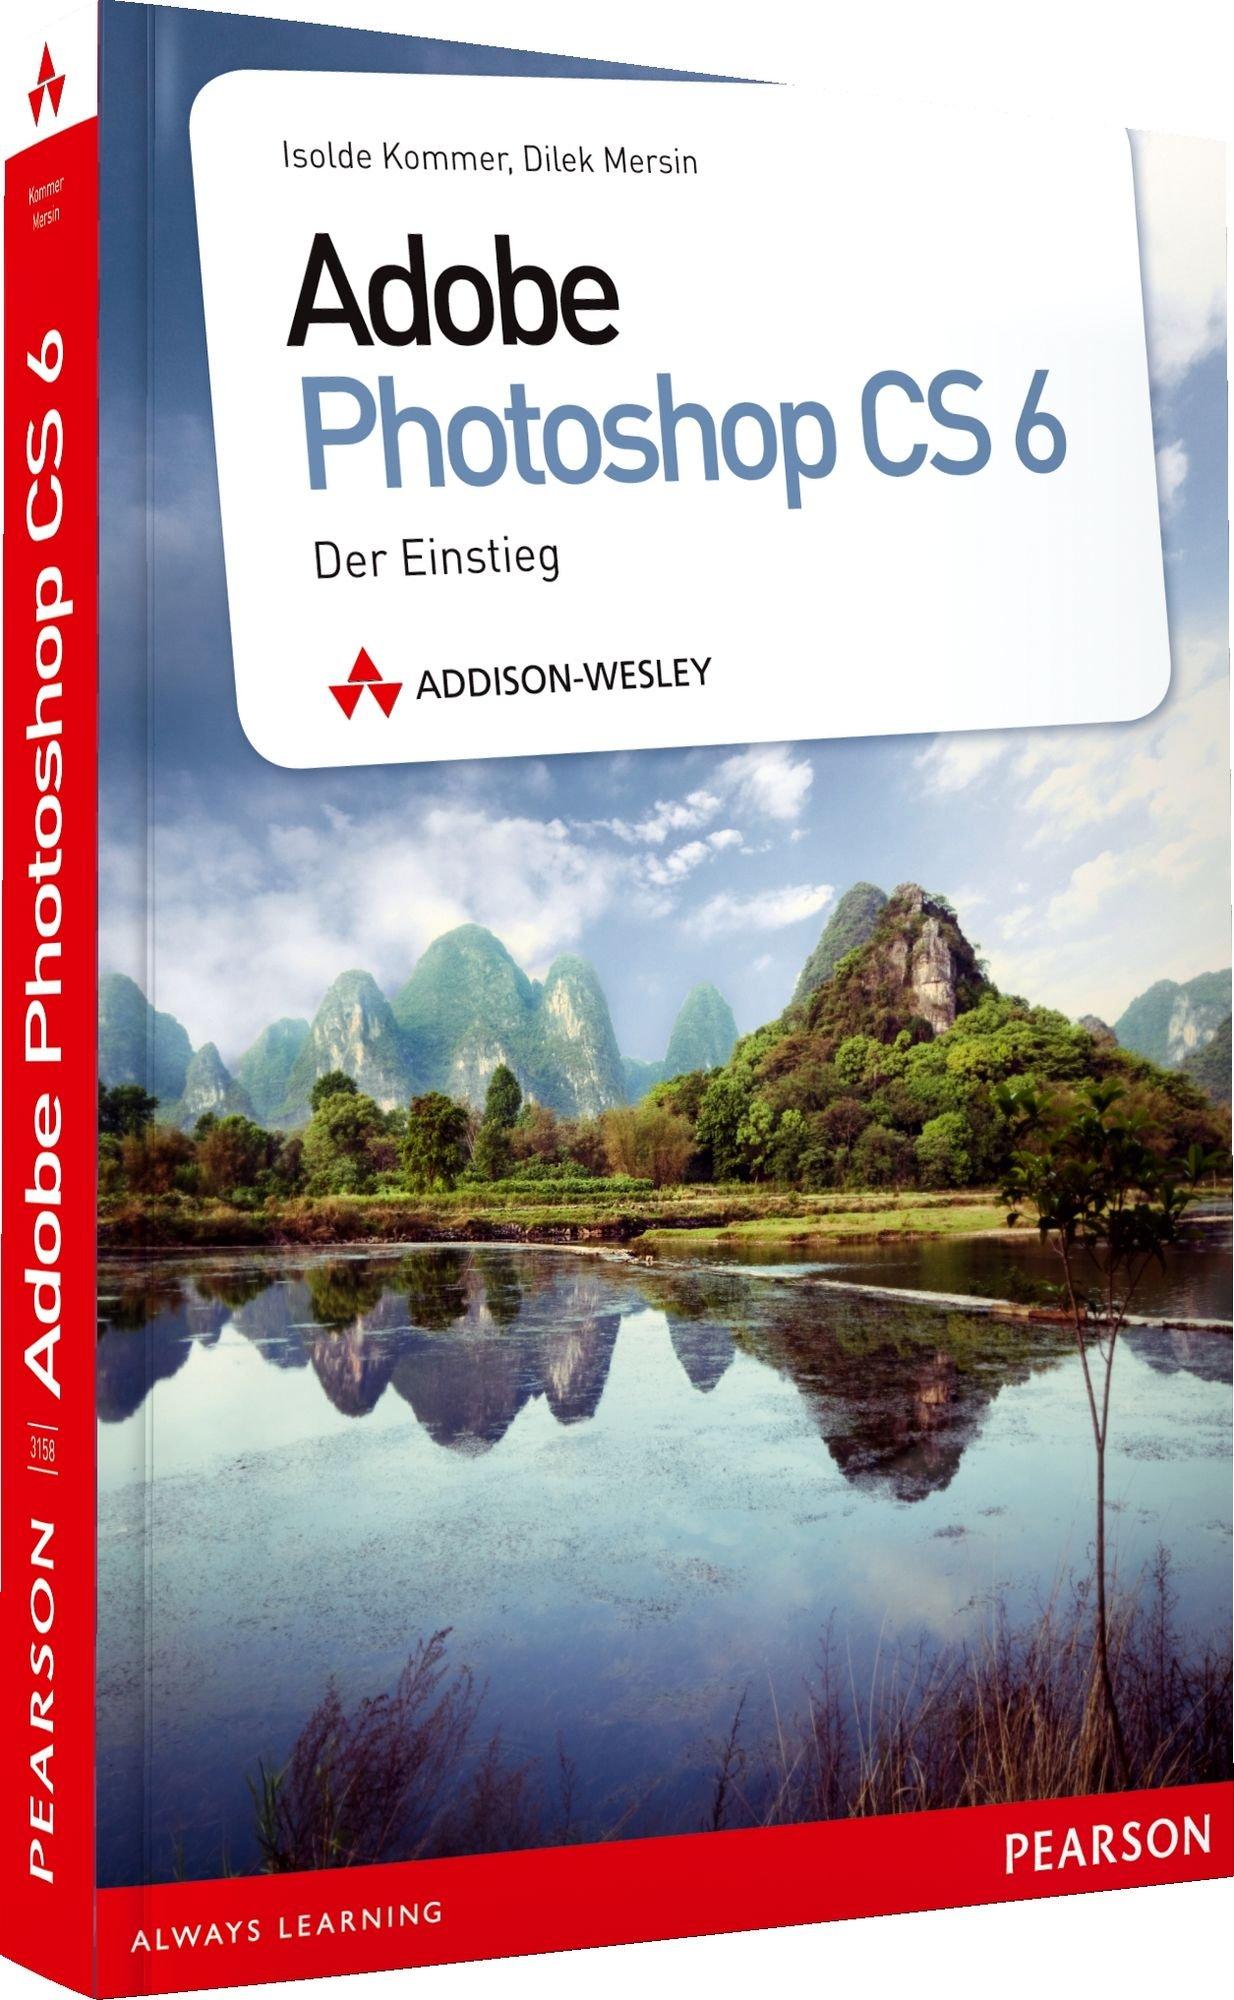 Adobe Photoshop CS6: Der Einstieg Taschenbuch – 1. August 2012 Isolde Kommer Tilly Mersin Addison-Wesley Verlag 3827331587